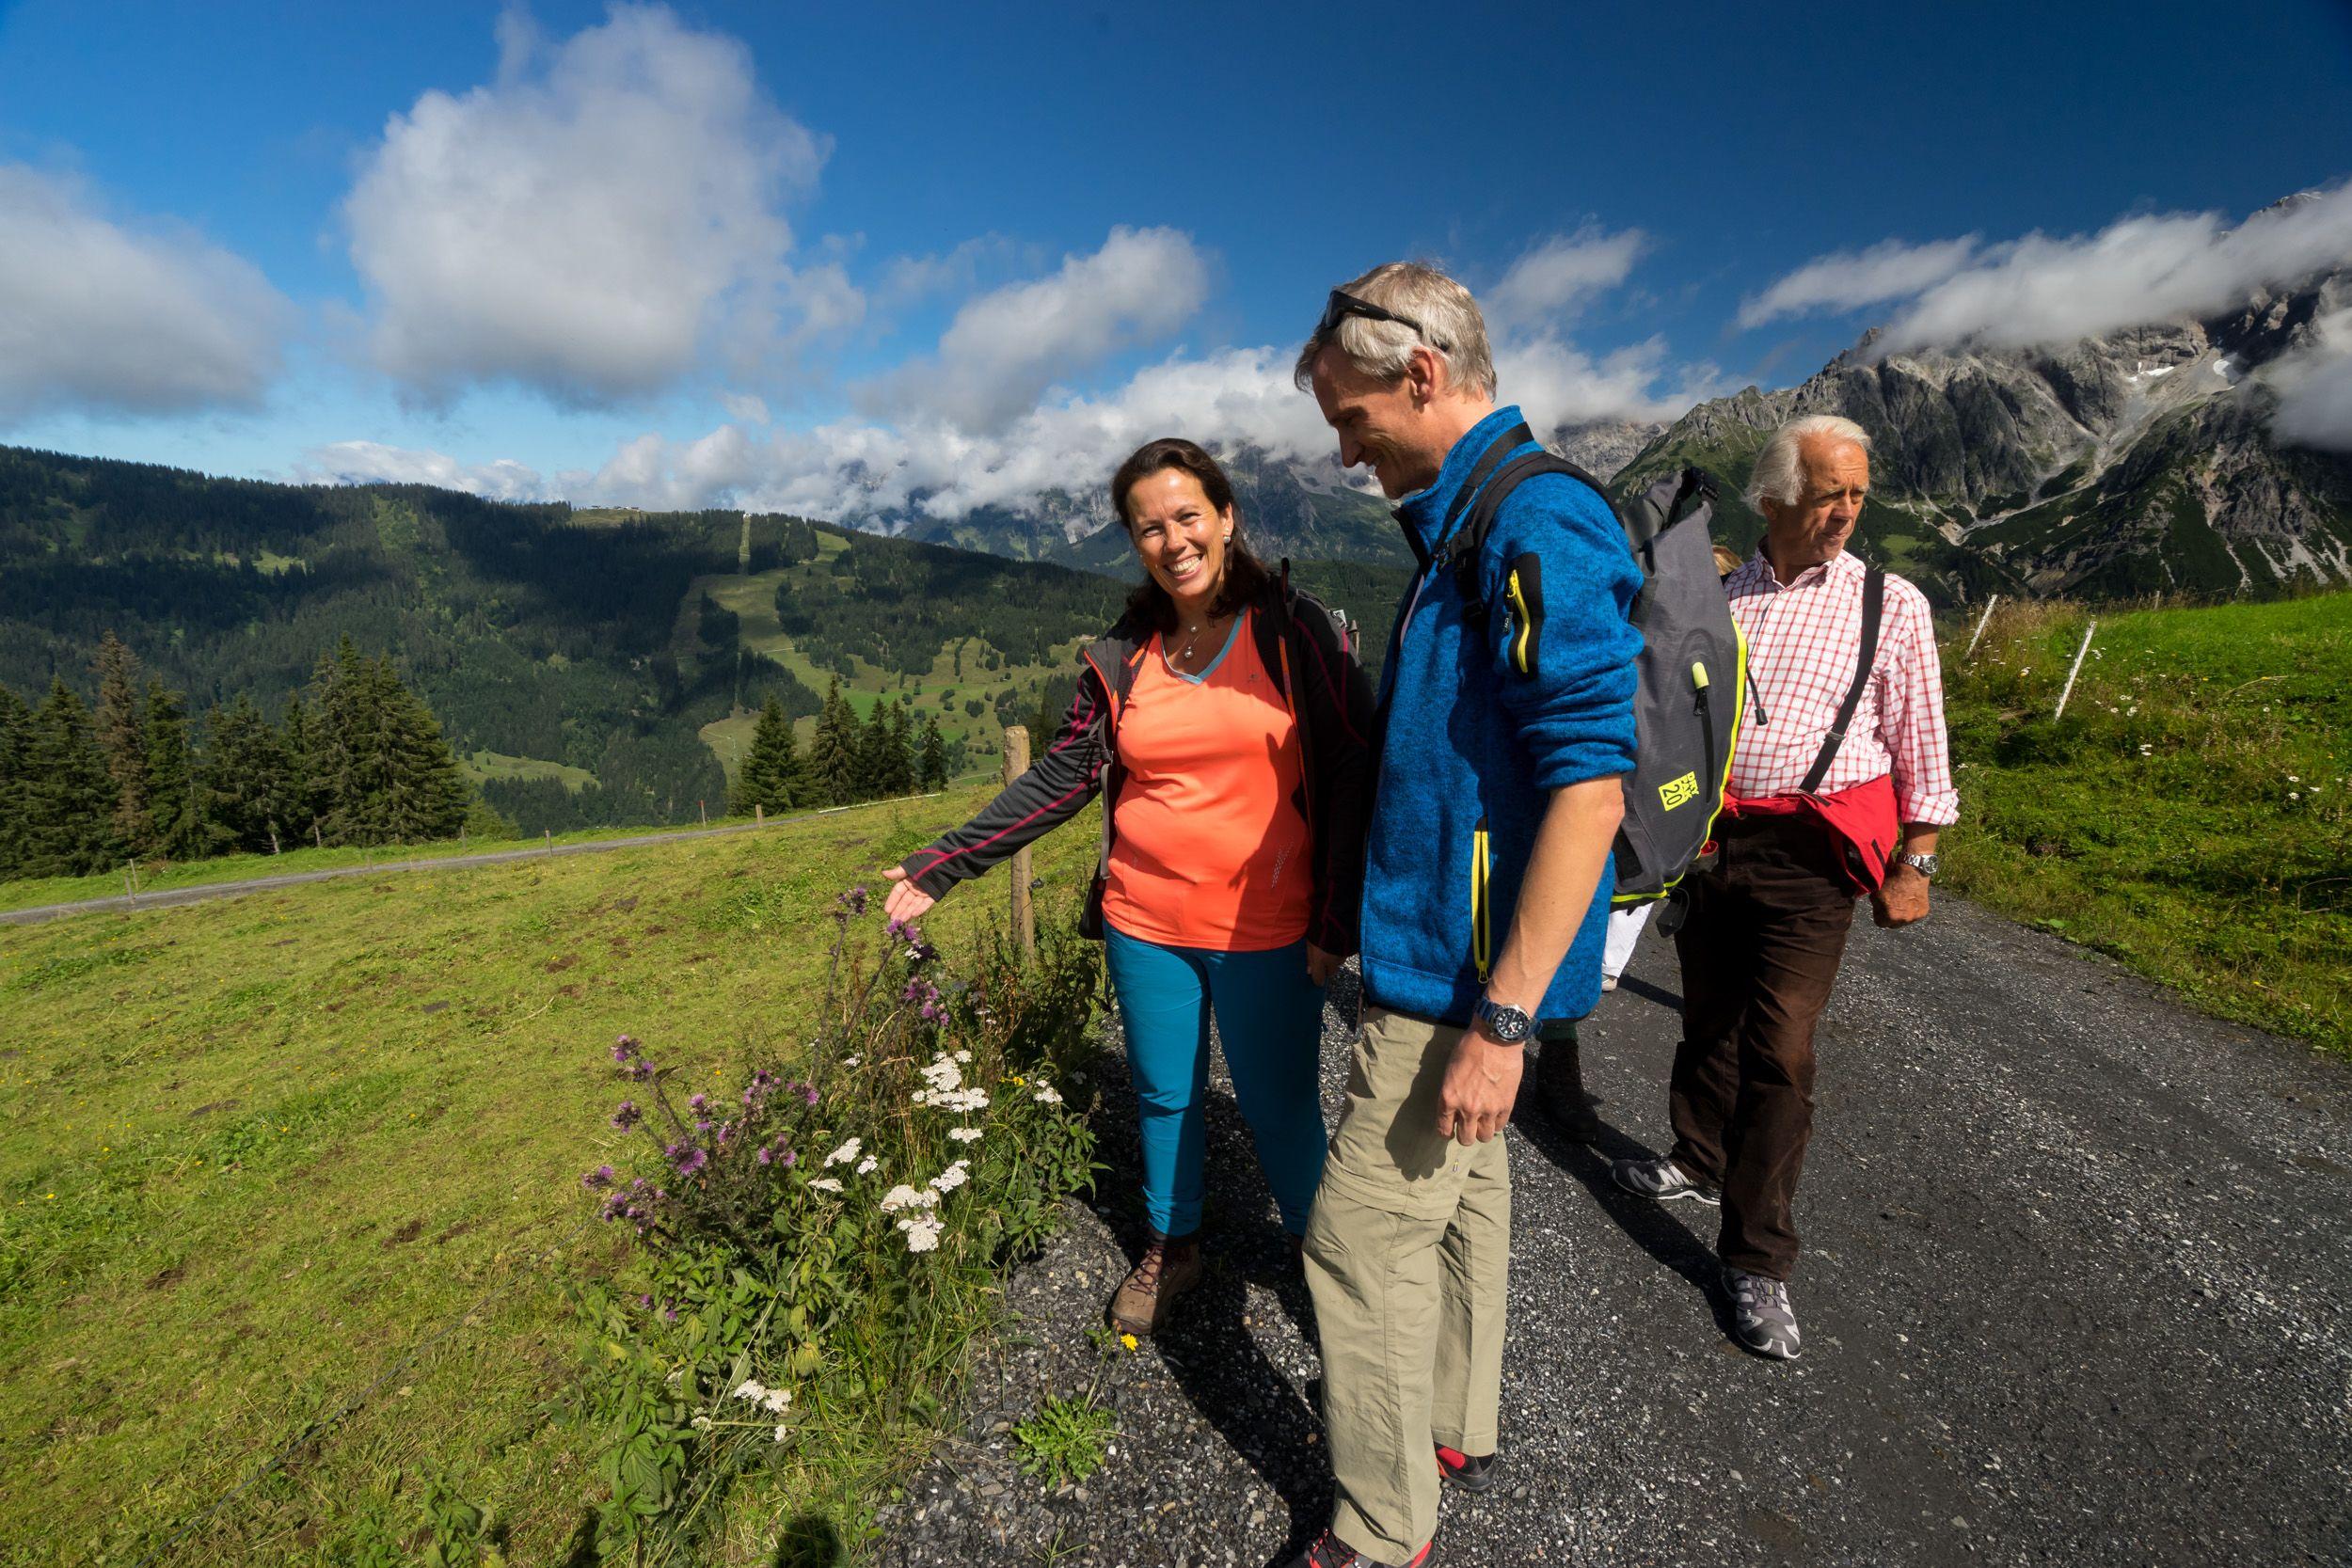 Kräuterwanderung mit Susi vom Wanderhotel Schafhuber in Maria Alm